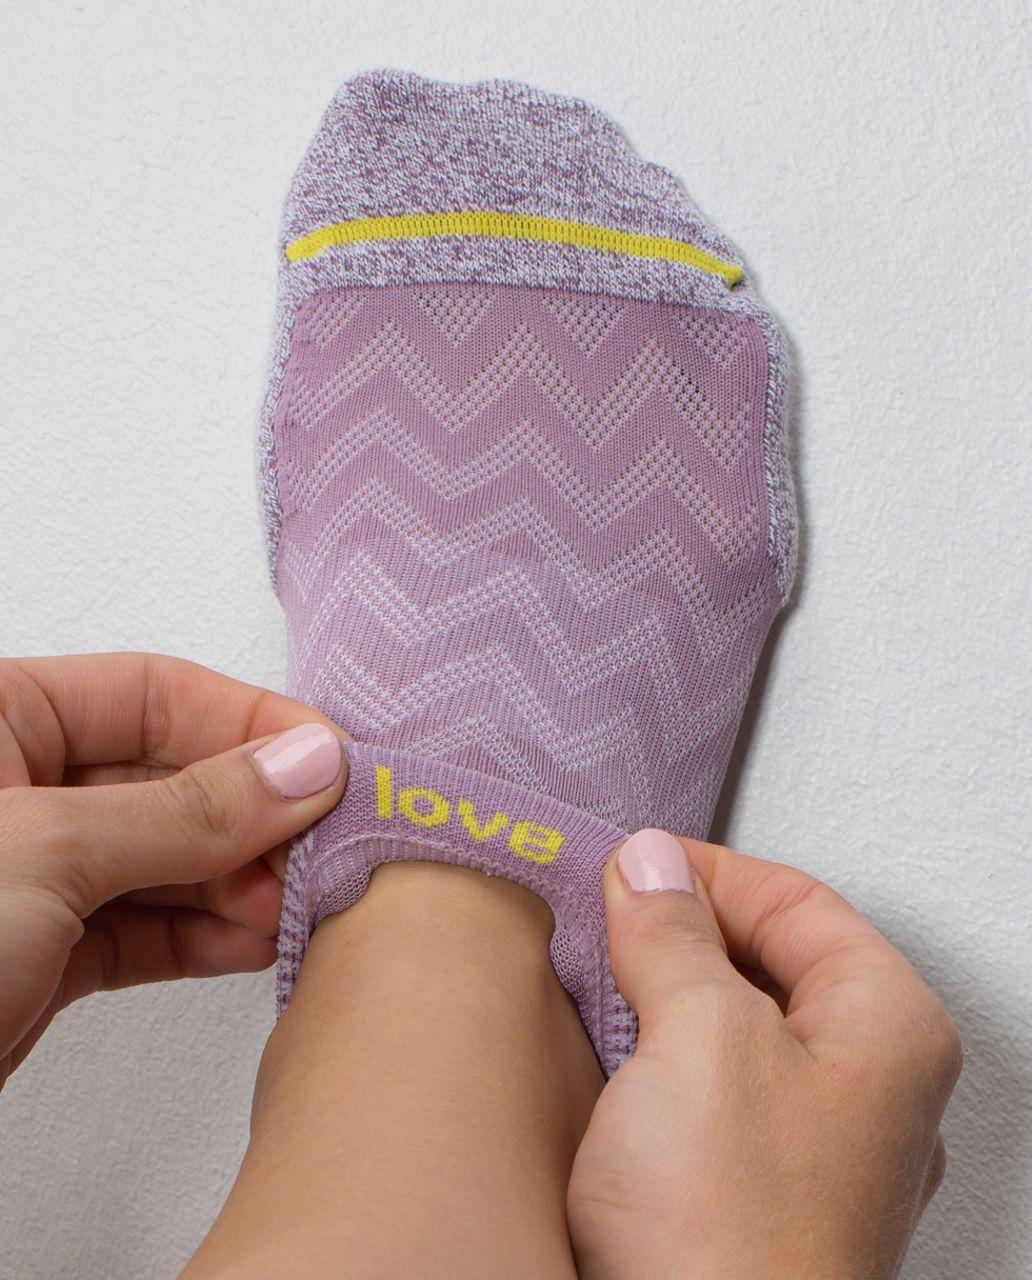 Lululemon Women's Ultimate Padded Run Sock - Chevron Mesh Mauvelous